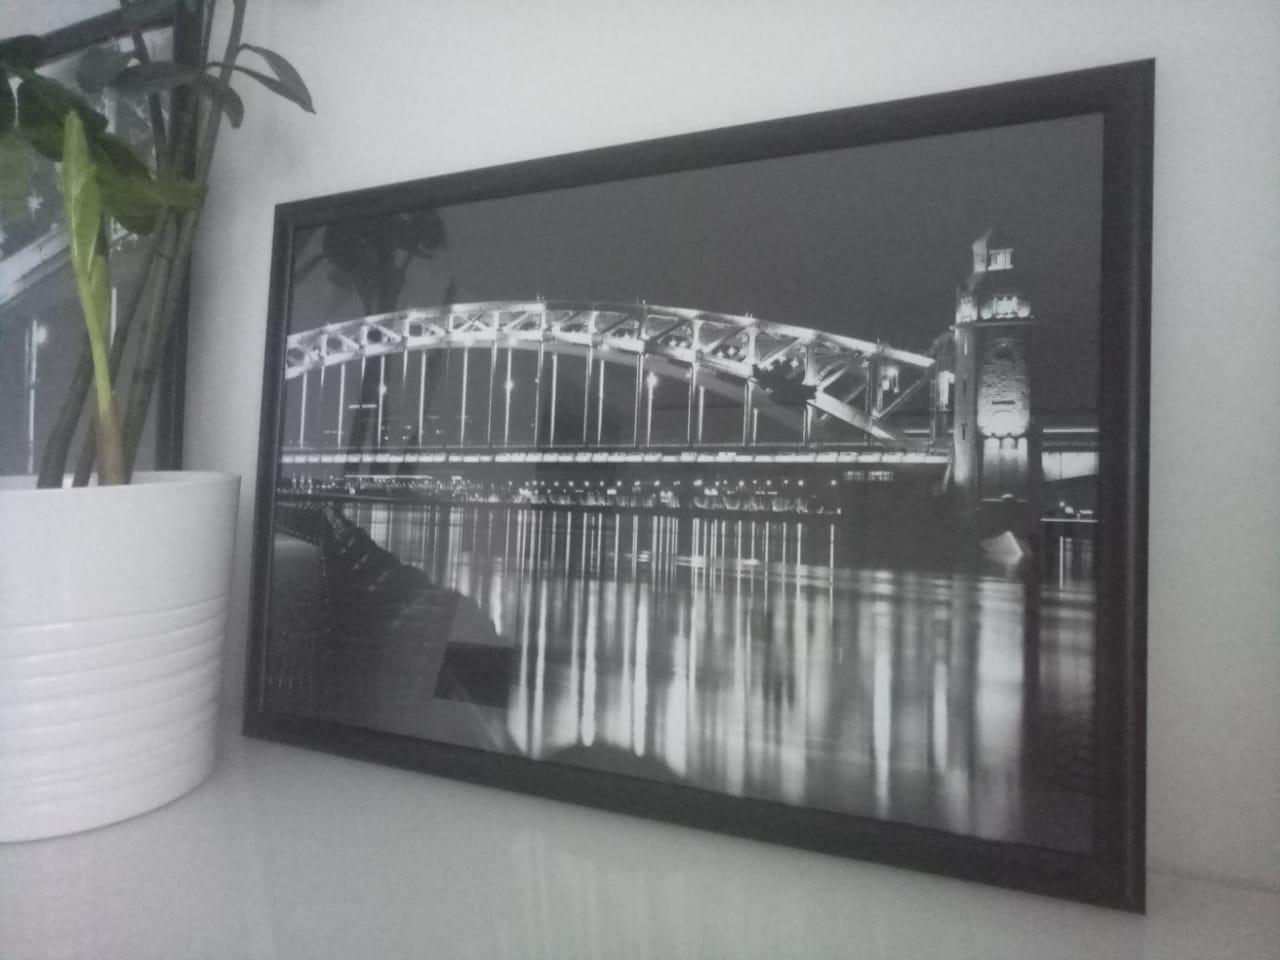 Большеохтинский мост, чёрно-белая фотография. 22 декабря 2019 года